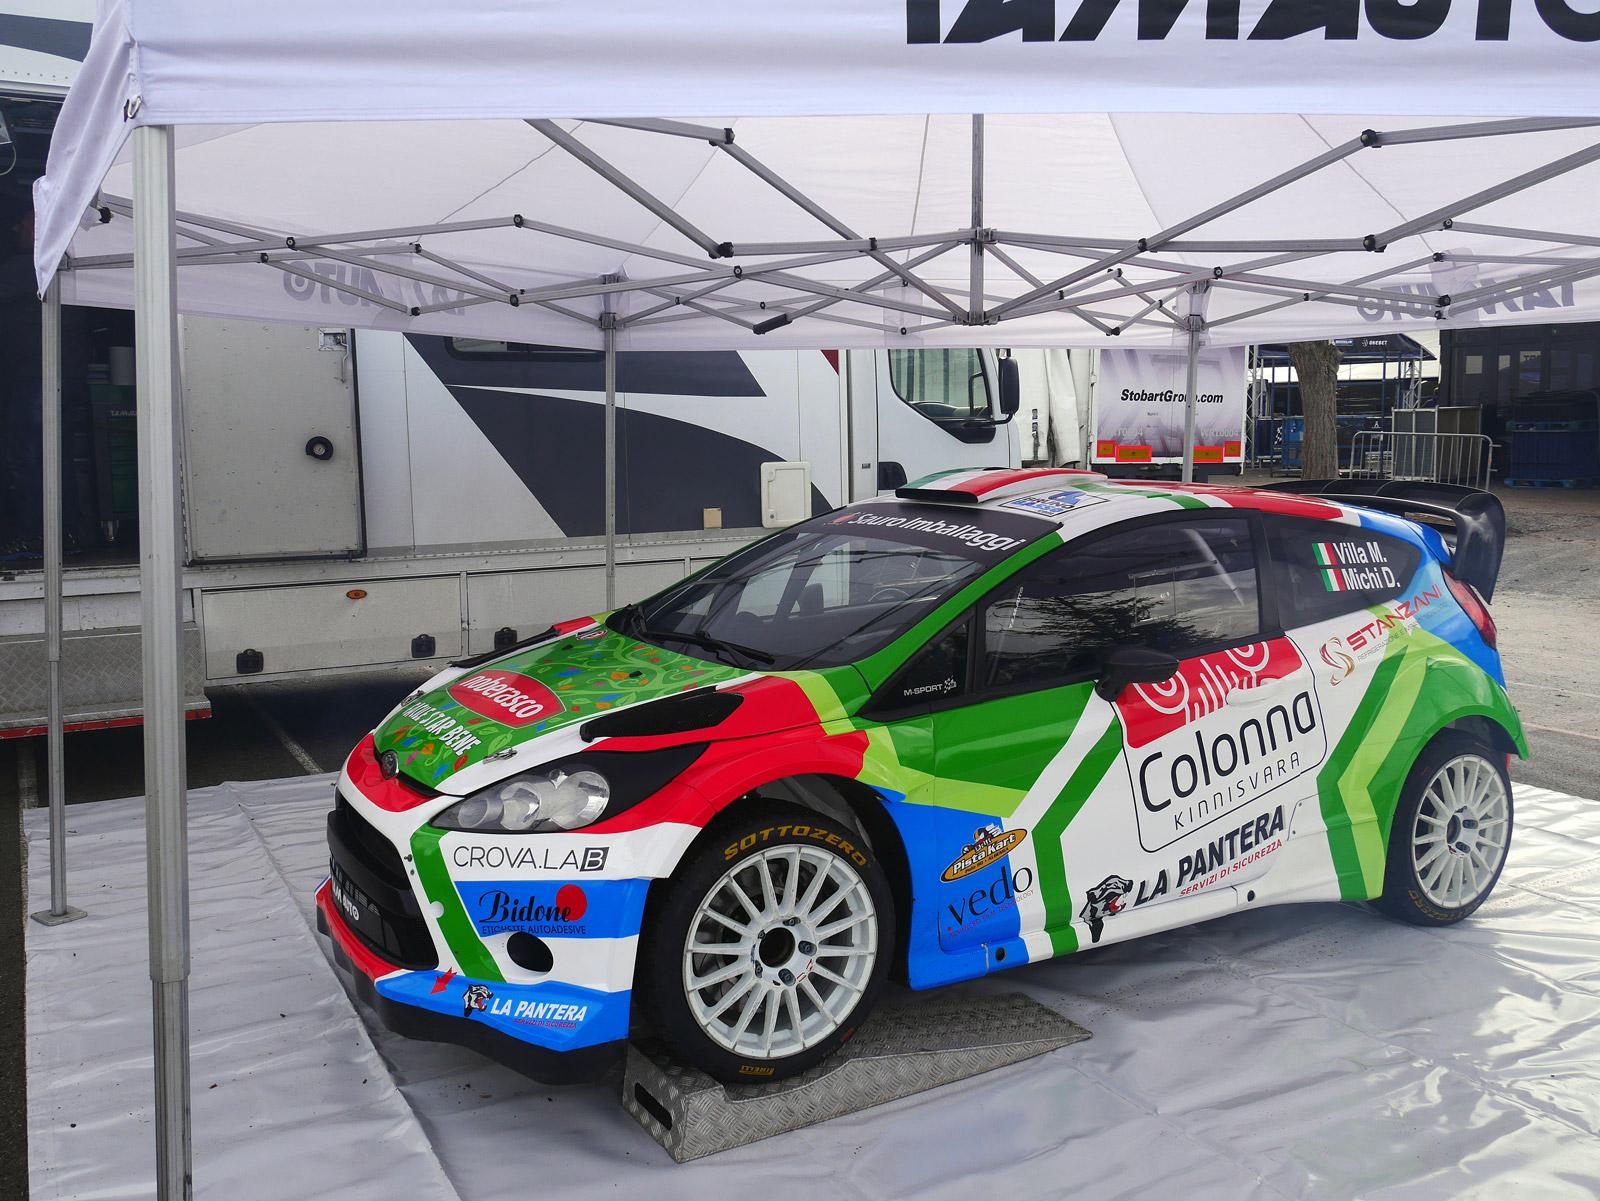 Rally Montecarlo 2018 - Página 2 Post-5530-0-57412600-1516642236